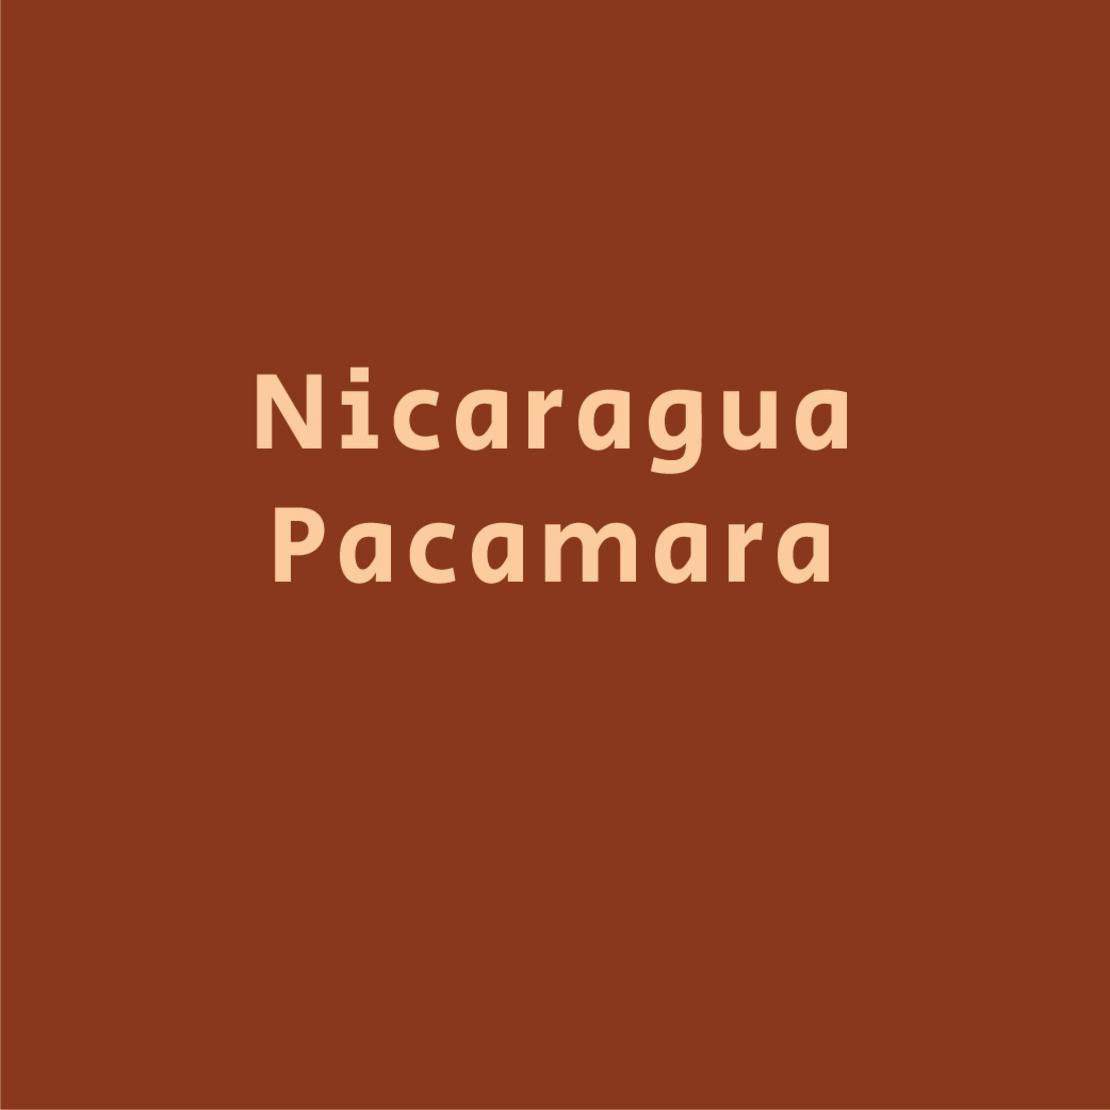 ניקרגואה פקמארה